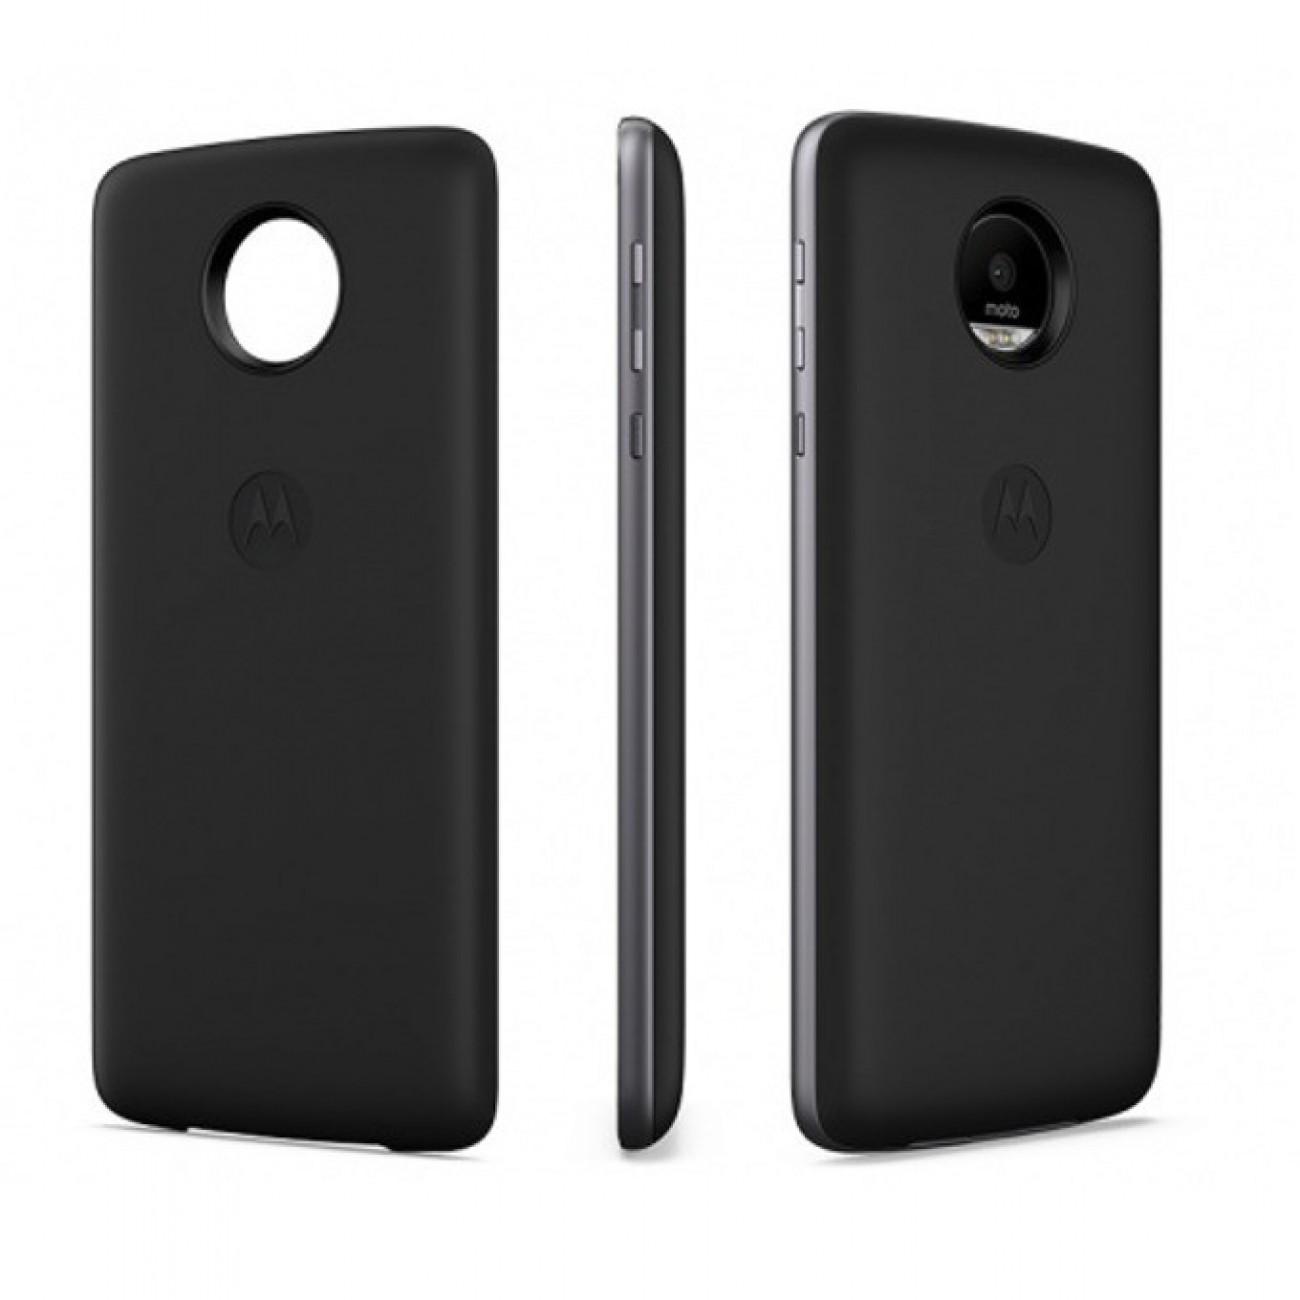 Батерия (оригинална) Motorola ASMLCBTBLKEE, за всички Moto Z, 2220 mAh в Батерии за Телефони, Таблети - Motorola | Alleop